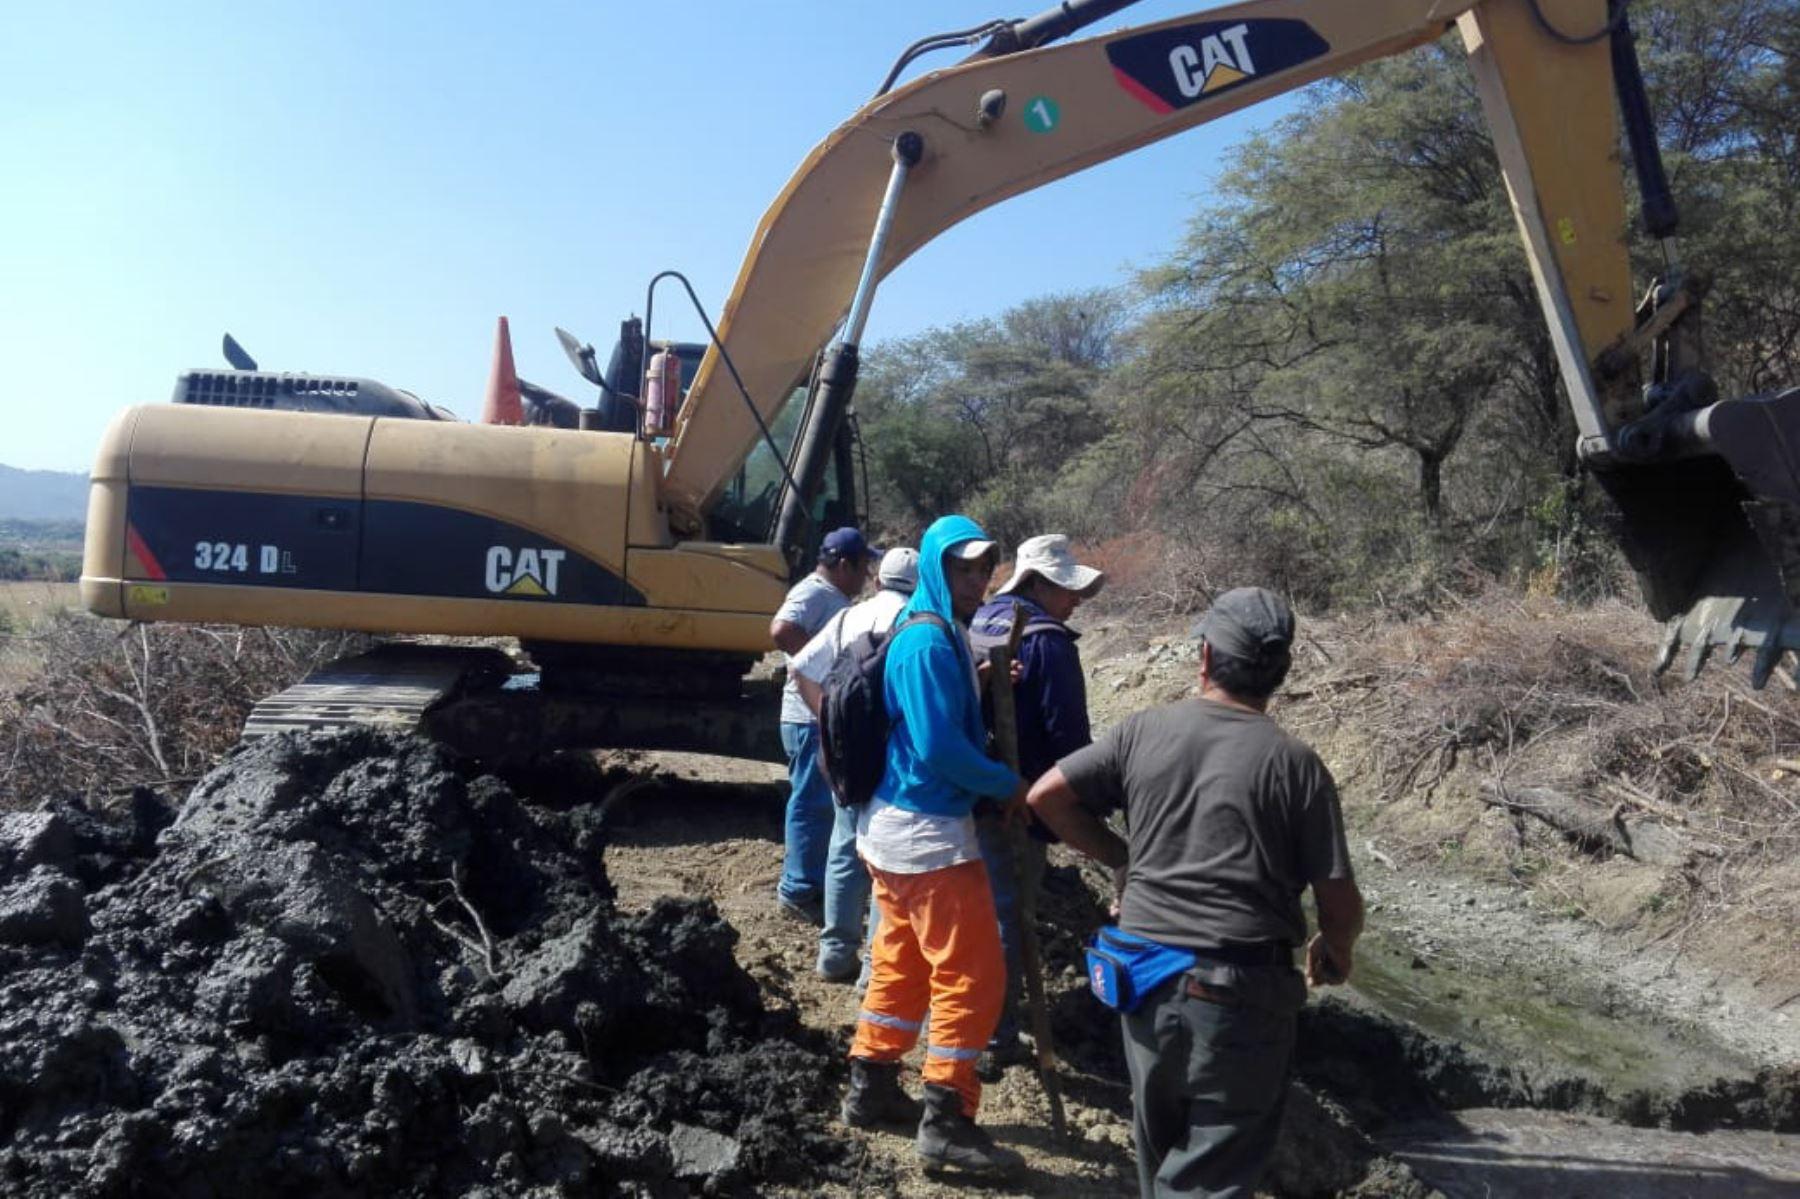 El Programa Subsectorial de Irrigaciones y Agro Rural aceleran los trabajos de prevención y reconstrucción en la región de Piura, para hacer frente a las lluvias y recuperar la infraestructura dañada por El Niño Costero.